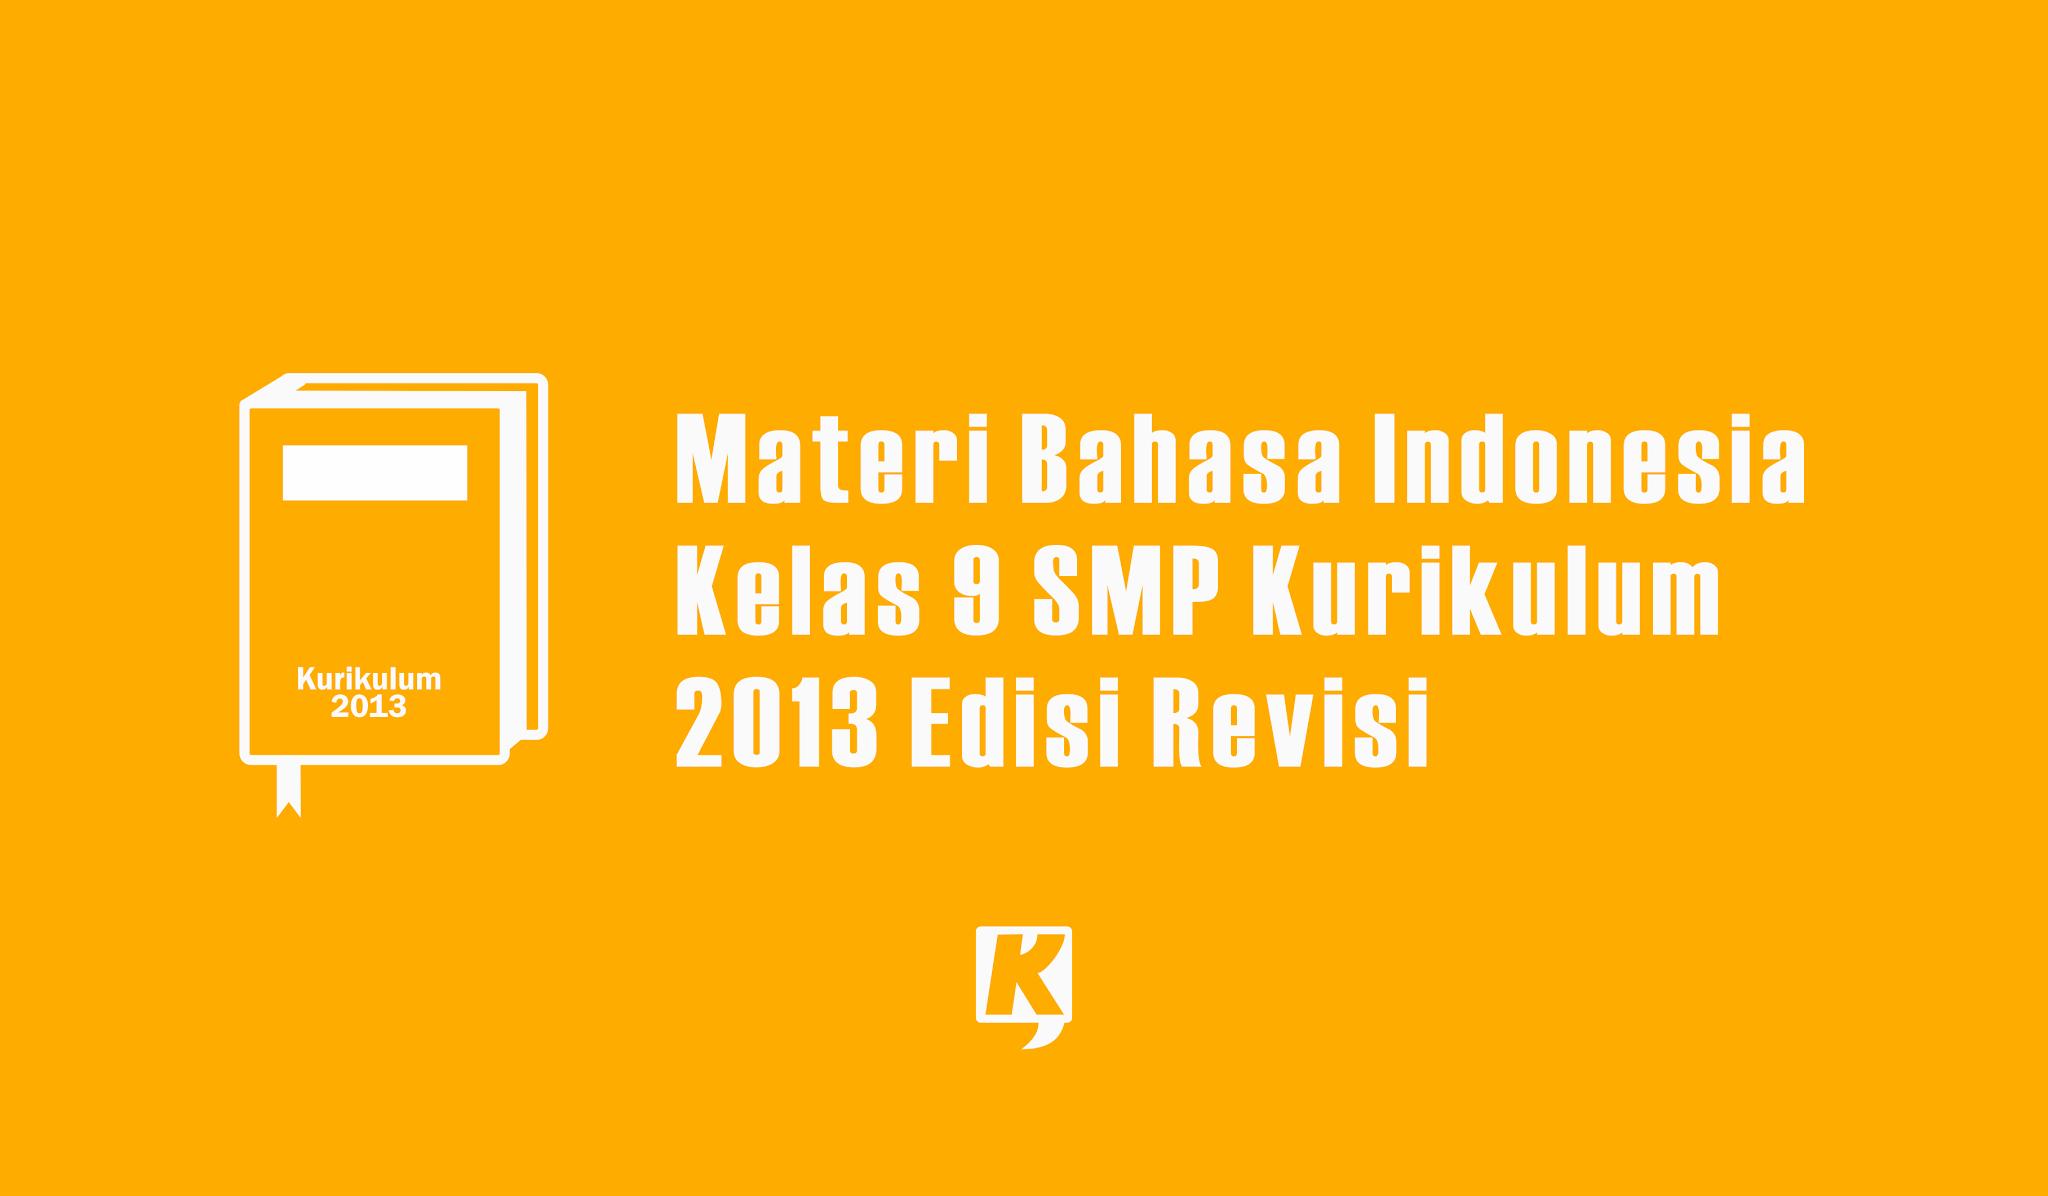 Materi Bahasa Indonesia Kelas 9 SMP MTS Kurikulum 2013 Semester Ganjil dan Genap